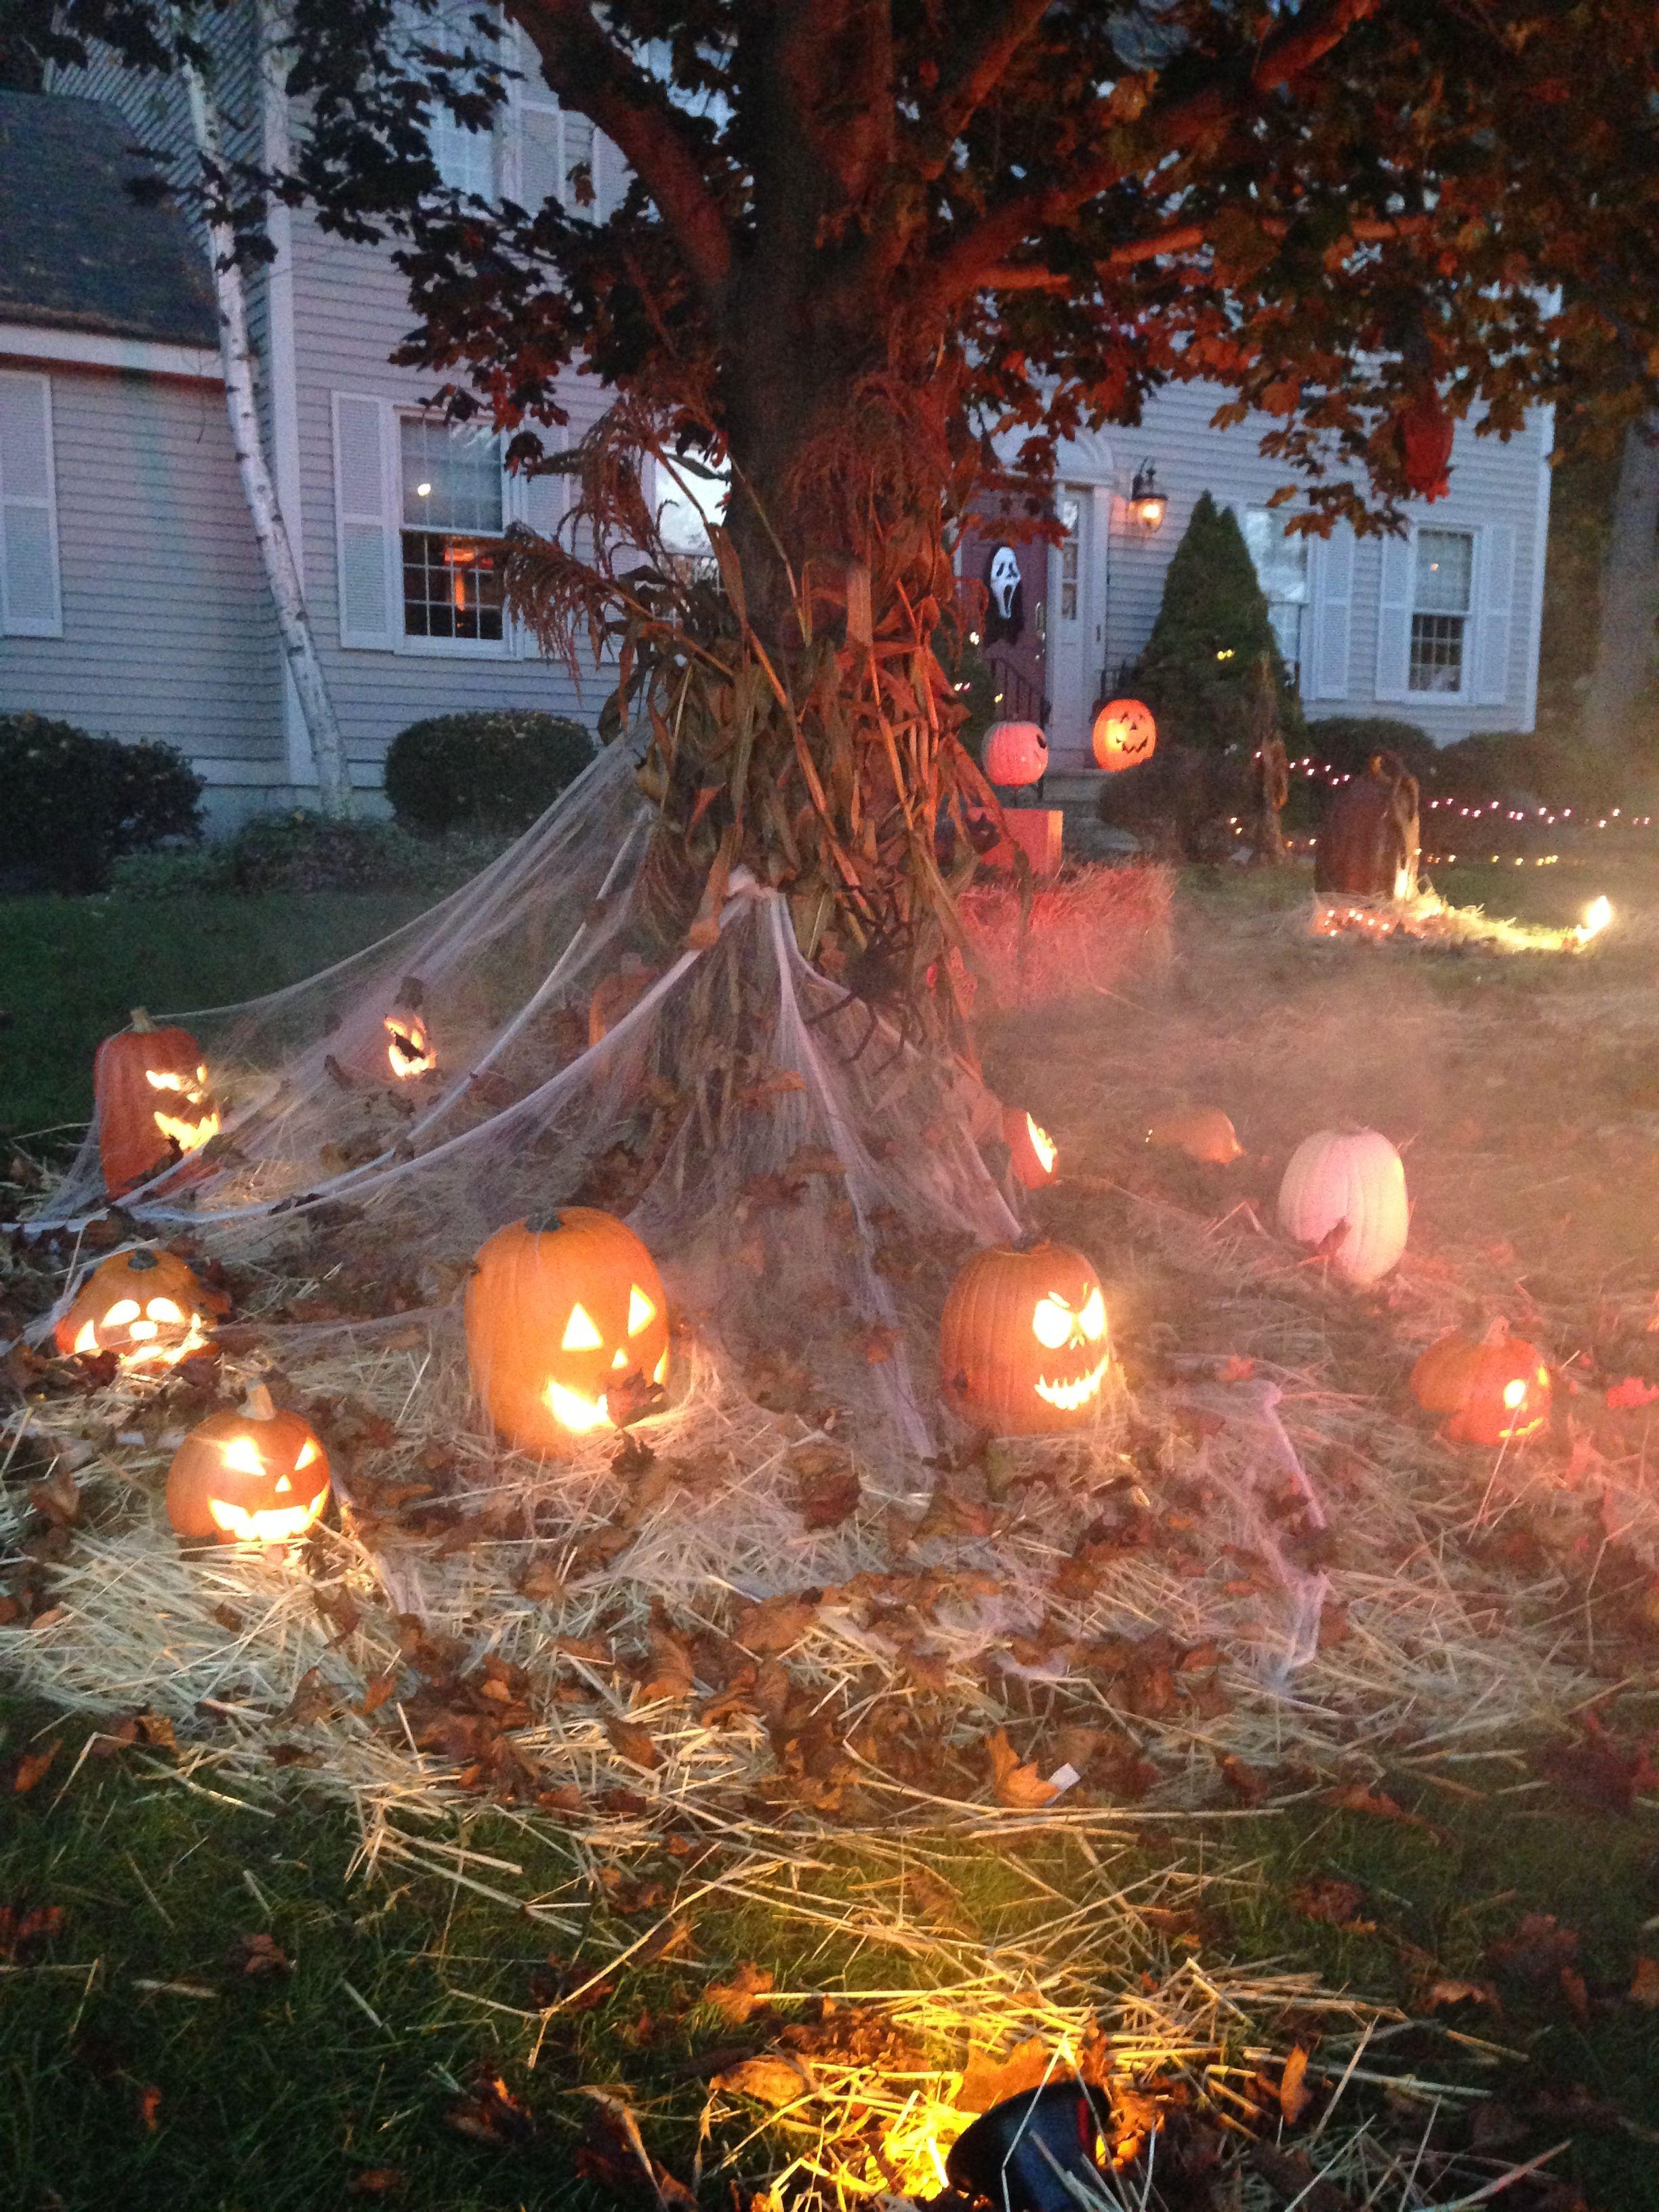 Deco De Citrouilles Inspiration De Decorations D Halloween Decoration Halloween Exterieur Halloween Exterieur Decoration Halloween Maison